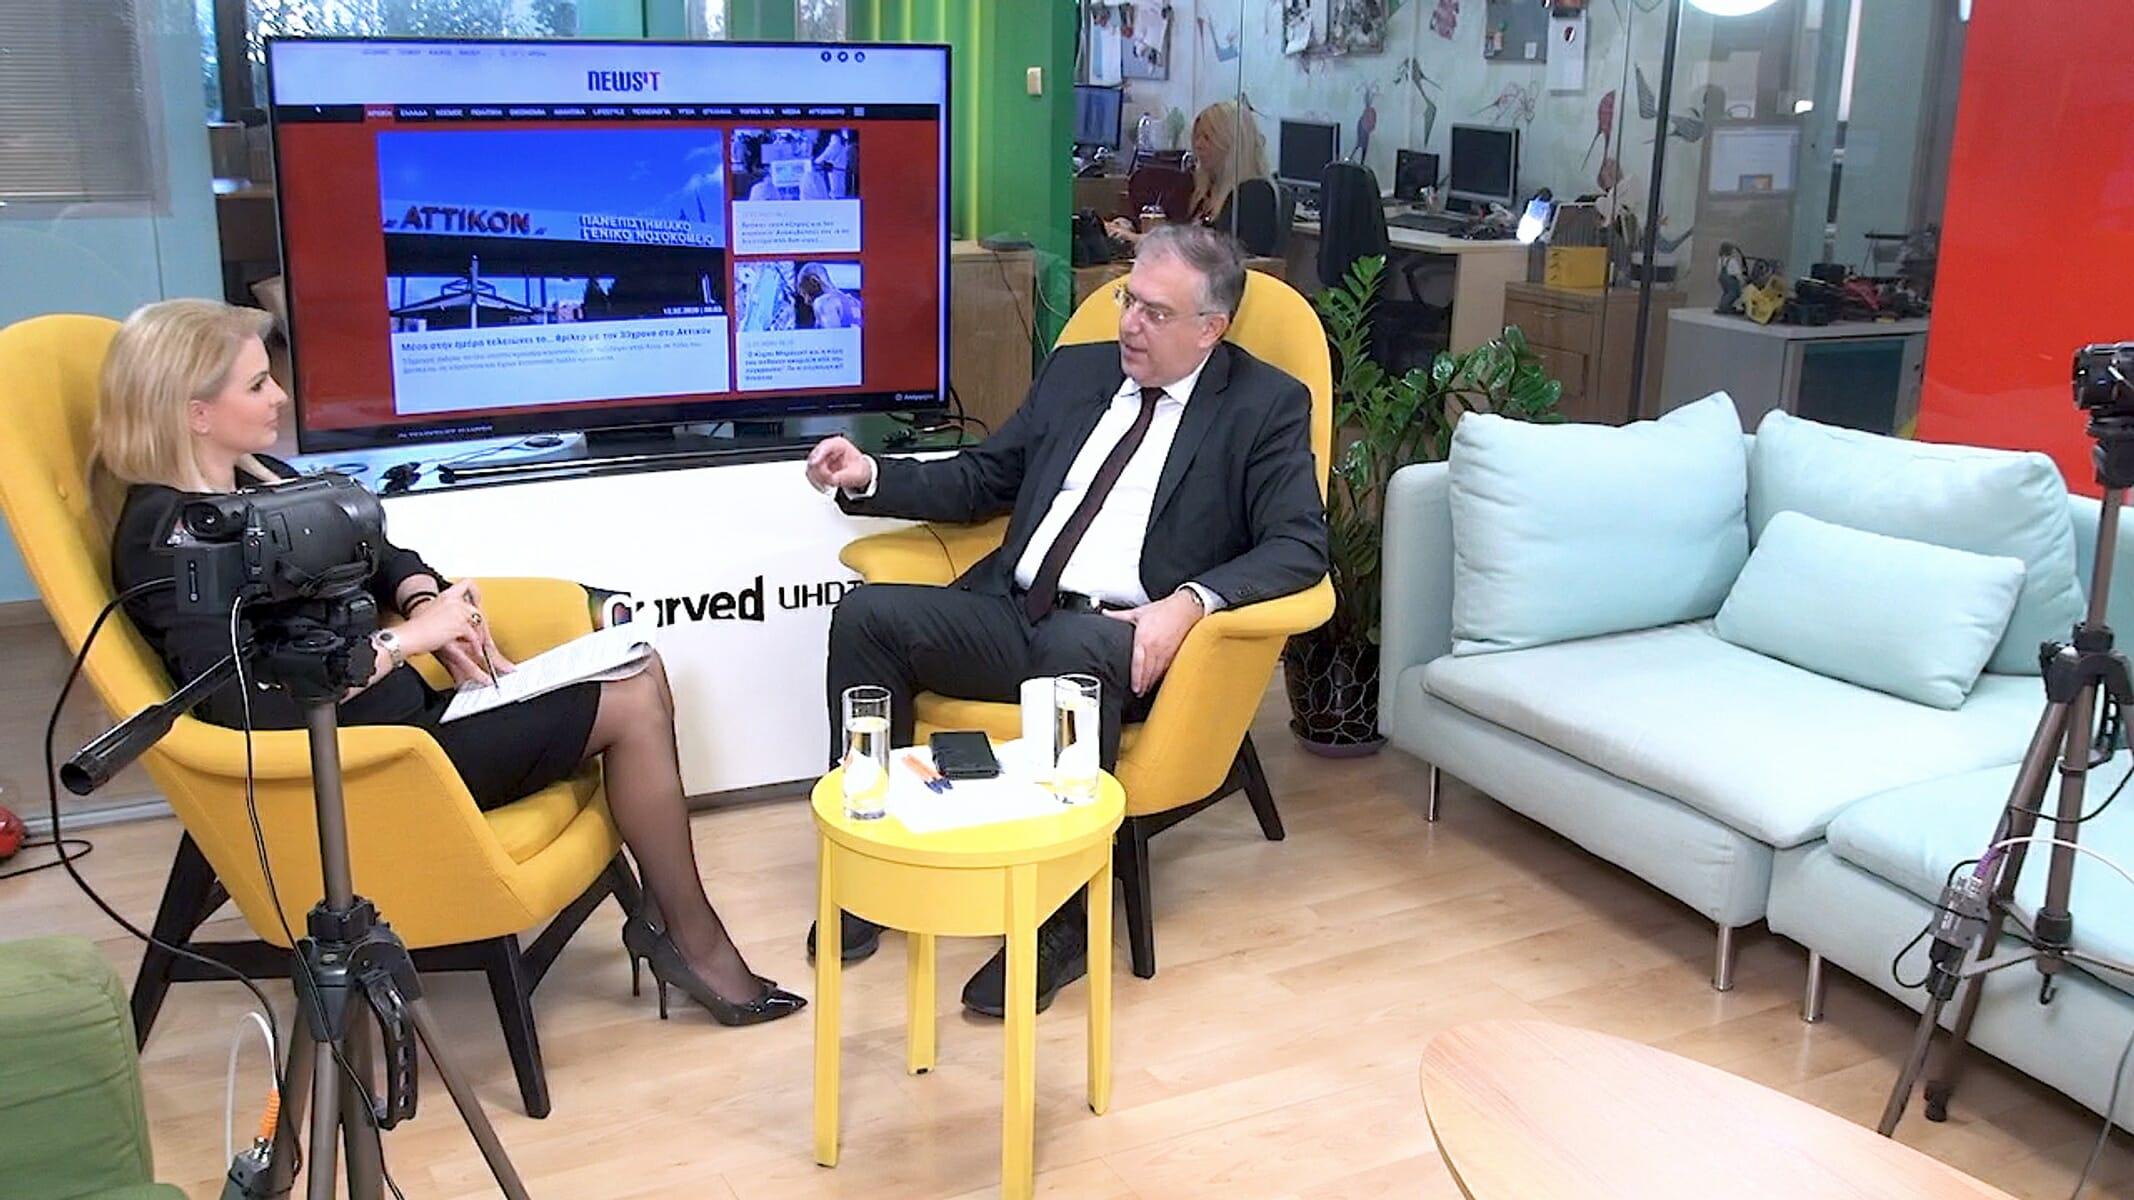 Τάκης Θεοδωρικάκος στο newsit.gr: Το έργο μας τους 7 μήνες διακυβέρνησης